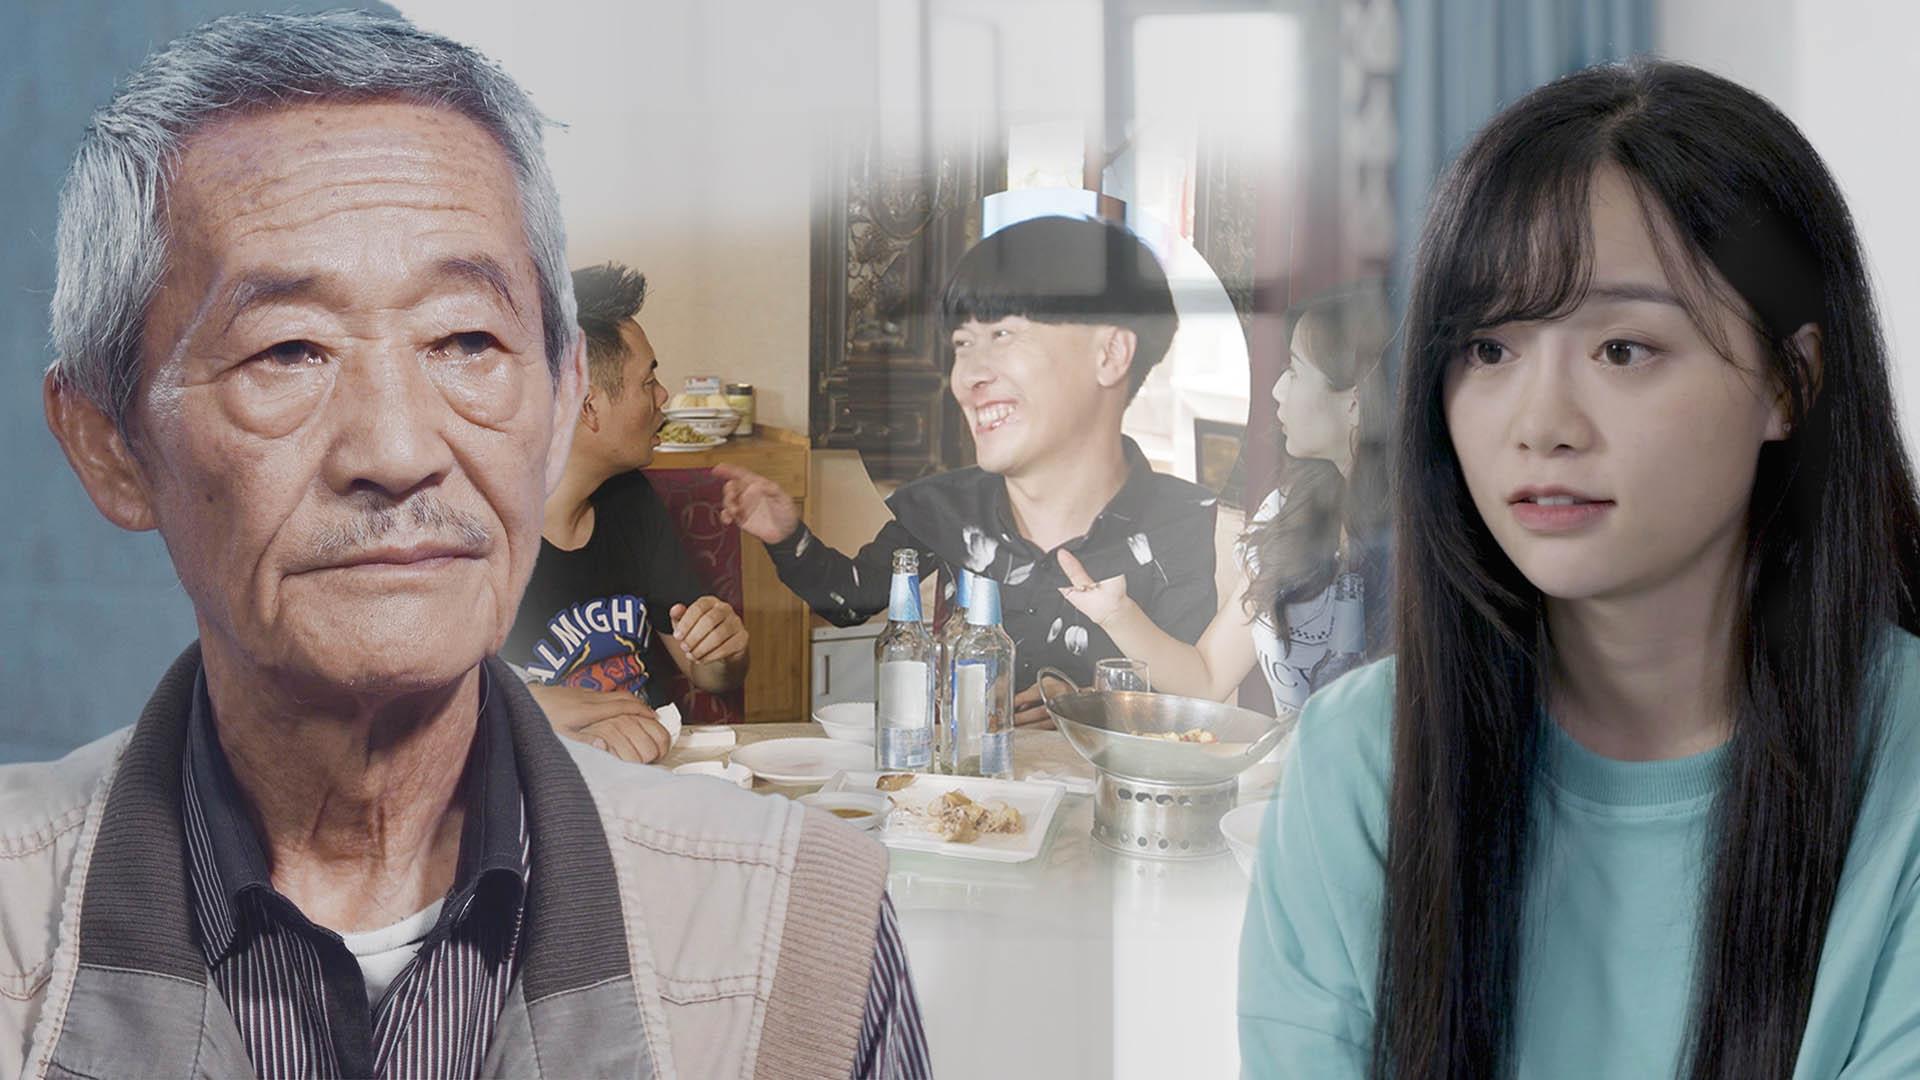 《六点半》第227集 奇葩餐厅出新招,居然有人在厕所吃饭?!